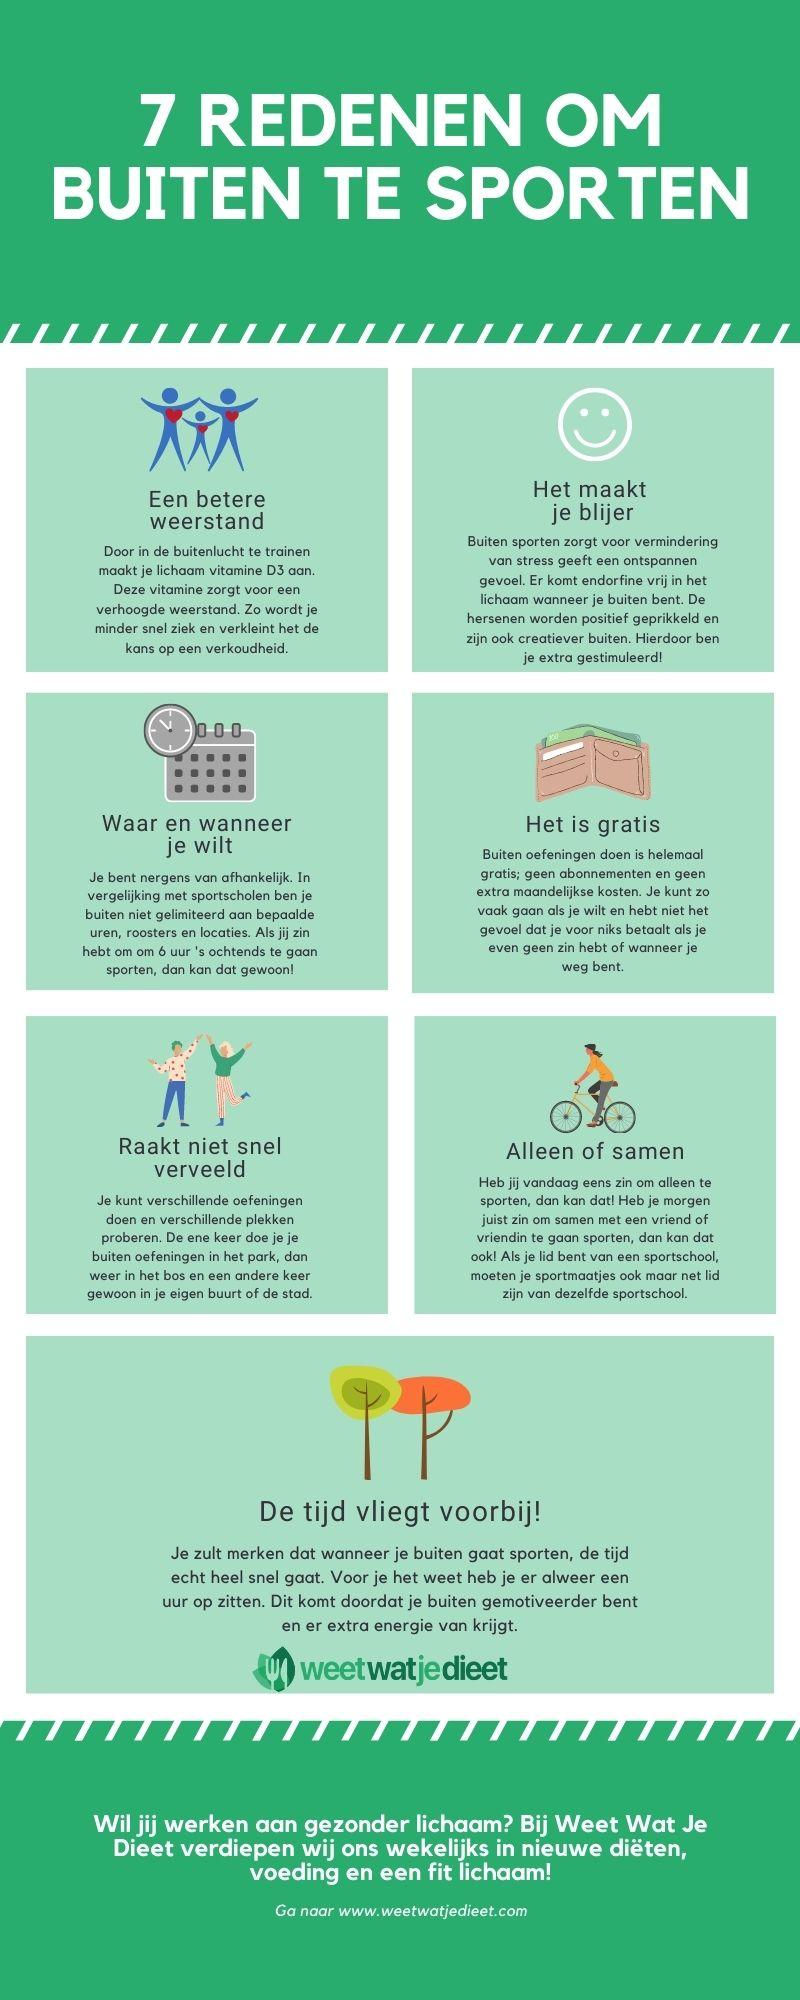 7 redenen voor buiten sporten